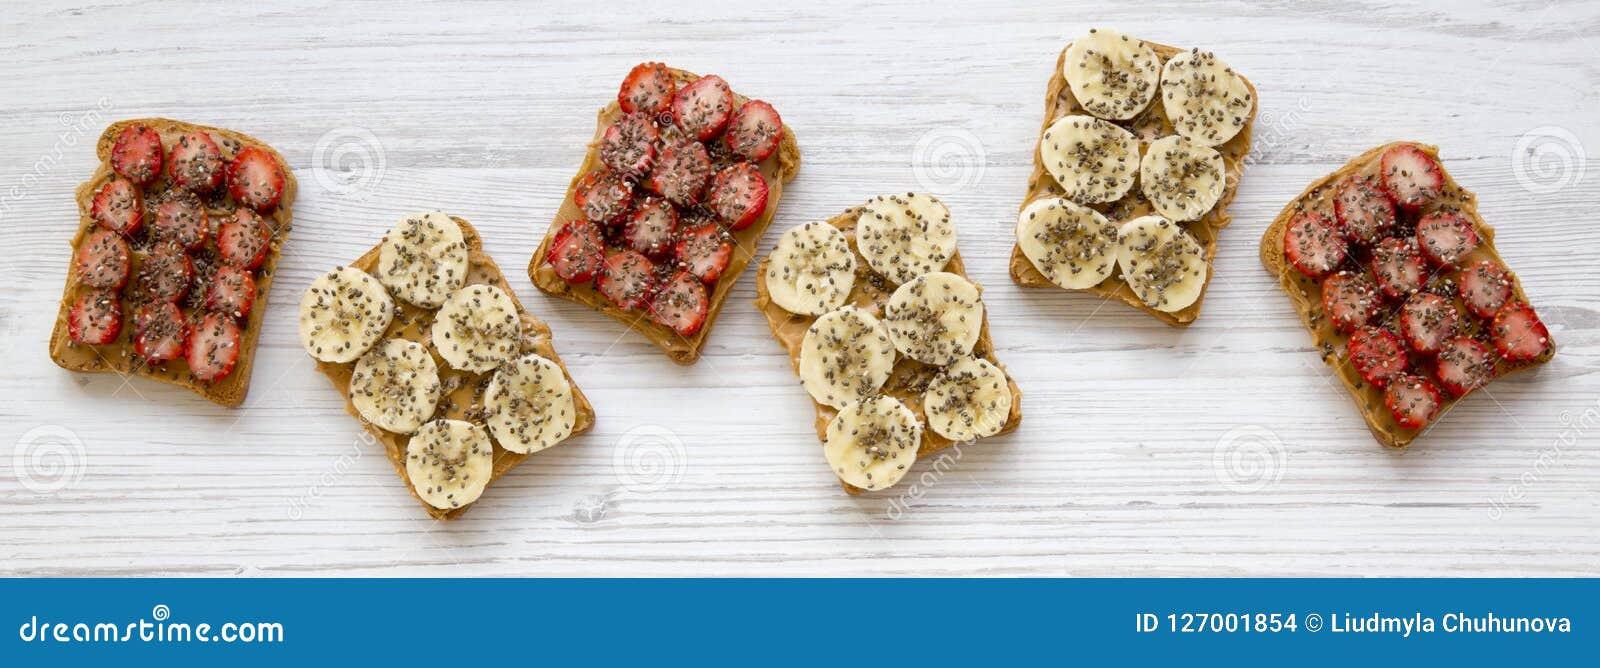 Strikt vegetarianrostade bröd med jordnötsmör, frukter och chiafrö på en vit trätabell, över huvudet sikt Sund frukost som bantar